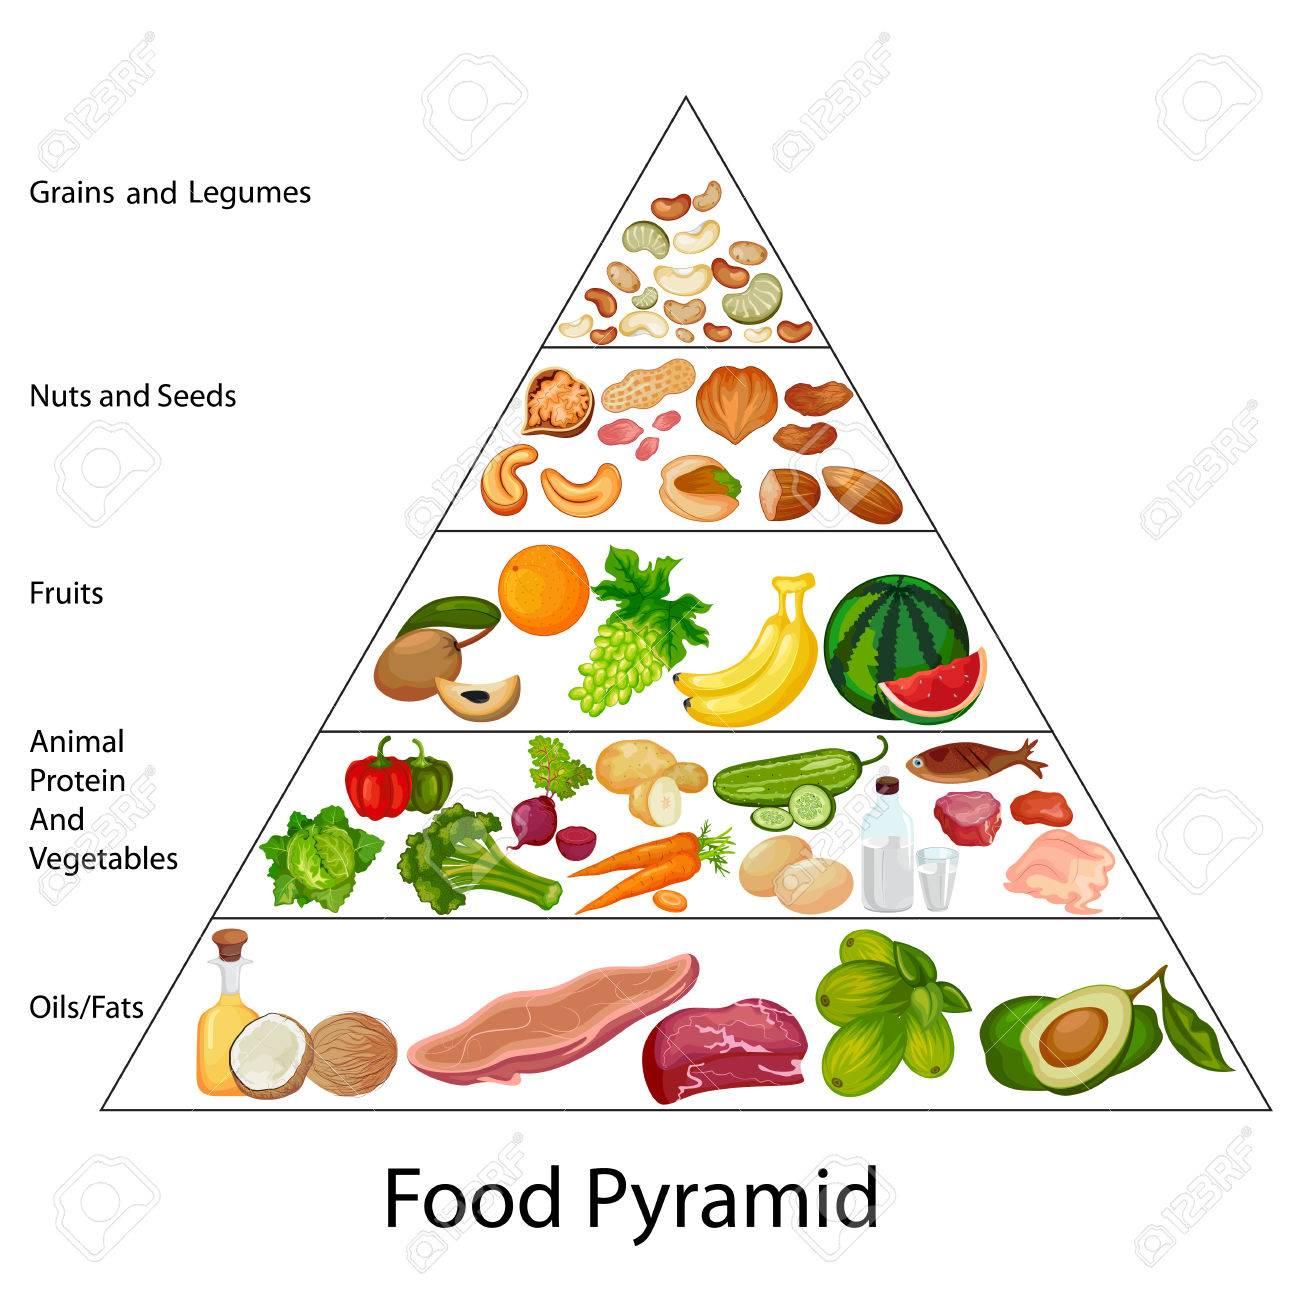 Carta Educativa Del Diagrama De La Pirámide Alimenticia Ilustraciones Vectoriales Clip Art Vectorizado Libre De Derechos Image 80714977